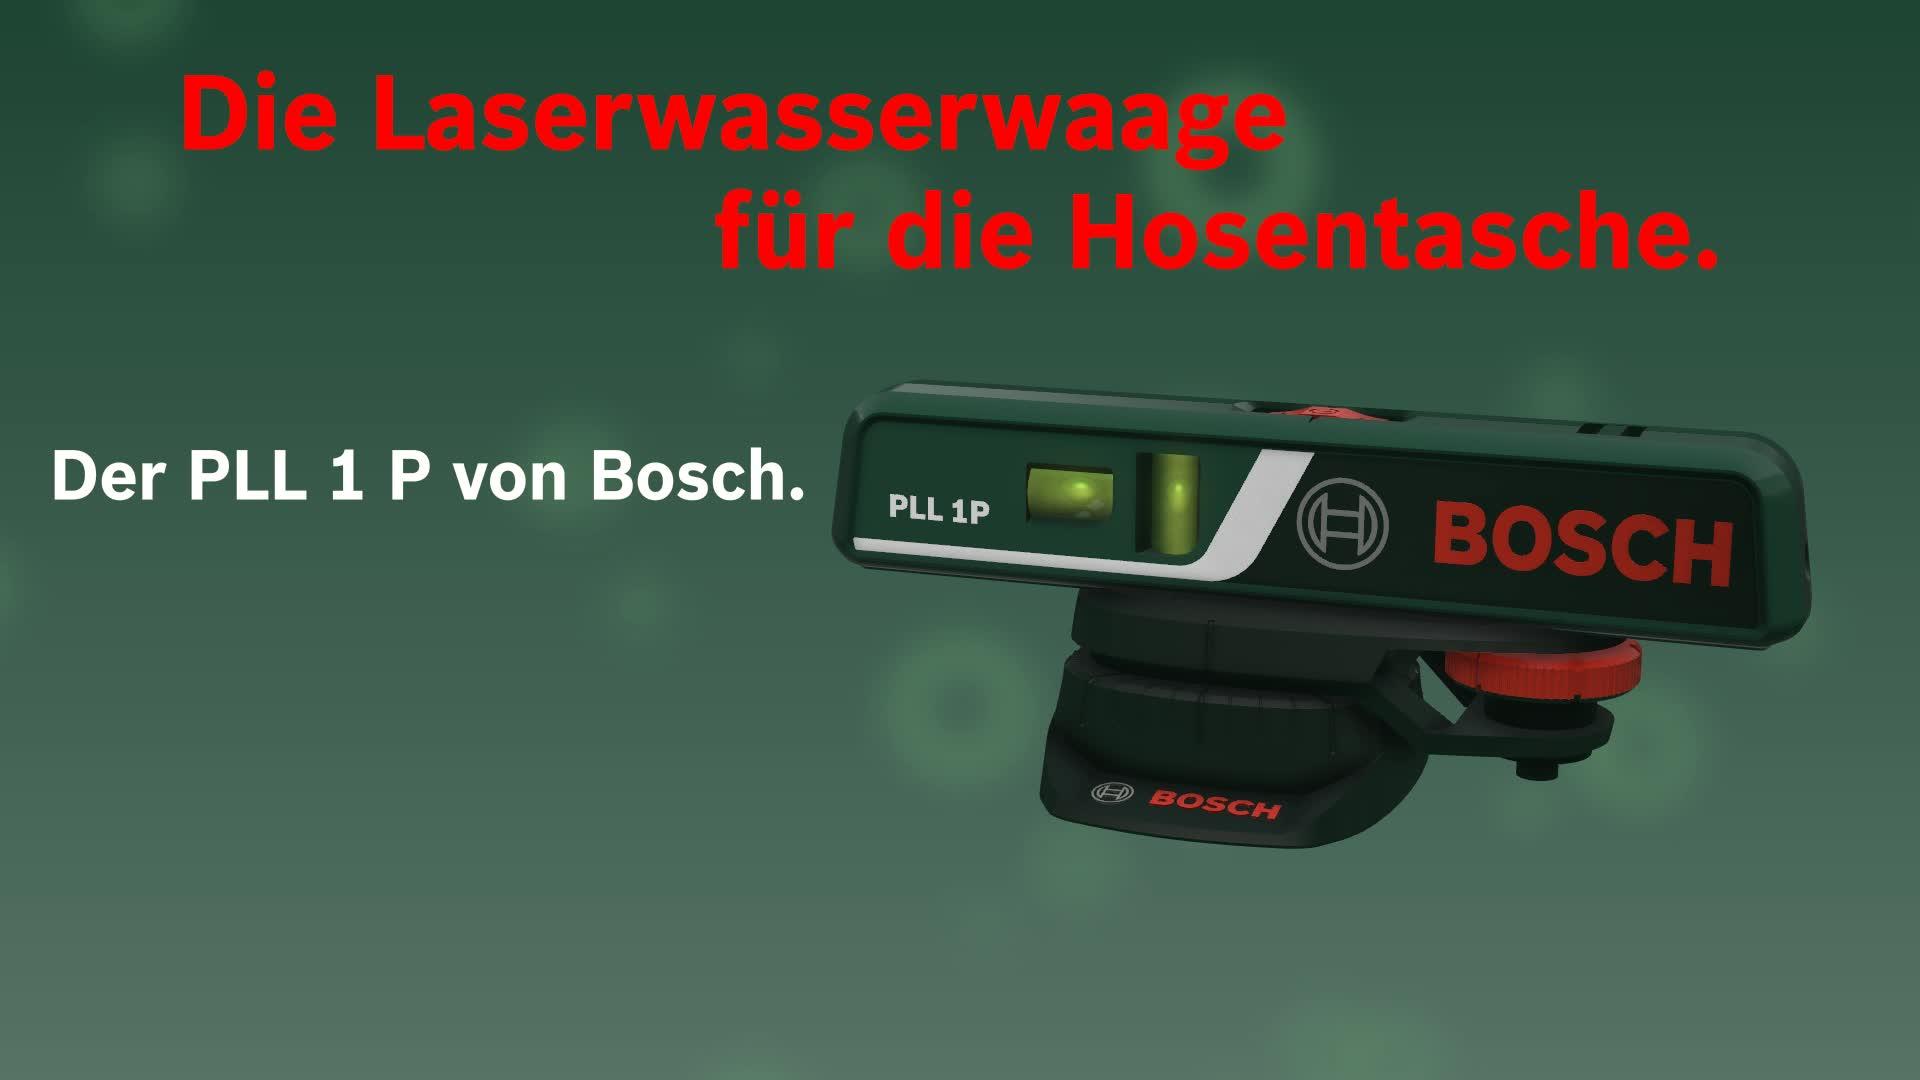 Laser Entfernungsmesser Hagebau : Bosch laser wasserwaage pll p« hagebau